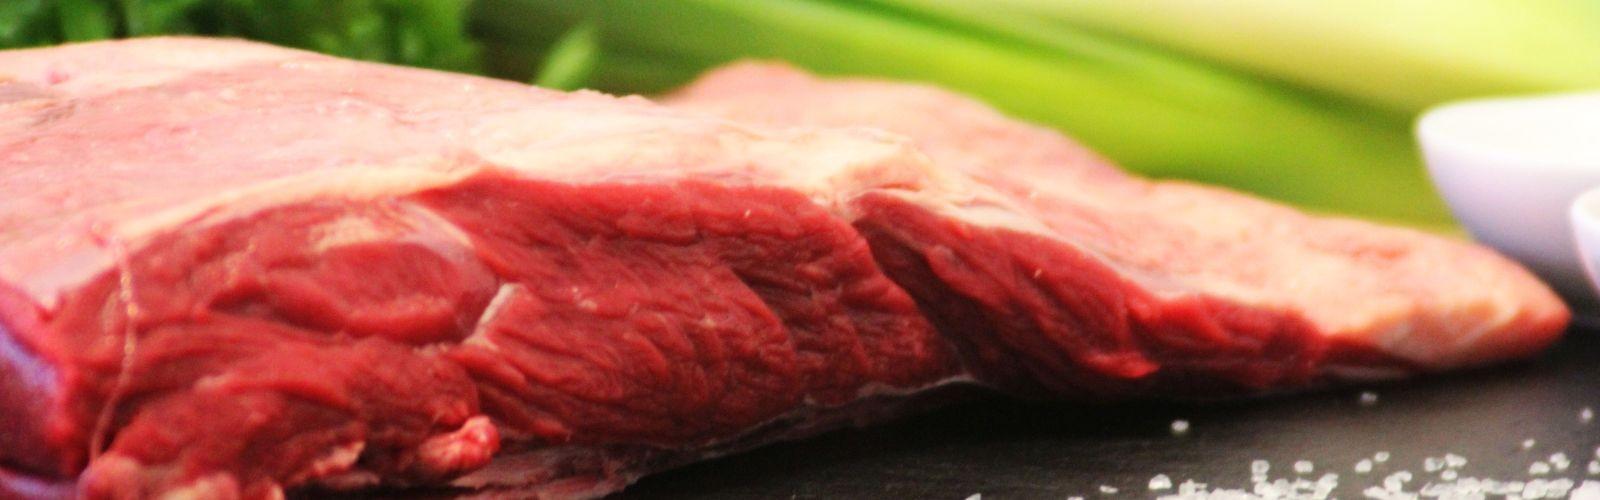 Motivbild der Seite Frischfleisch vom BERGSCHECKENRIND / Kochen